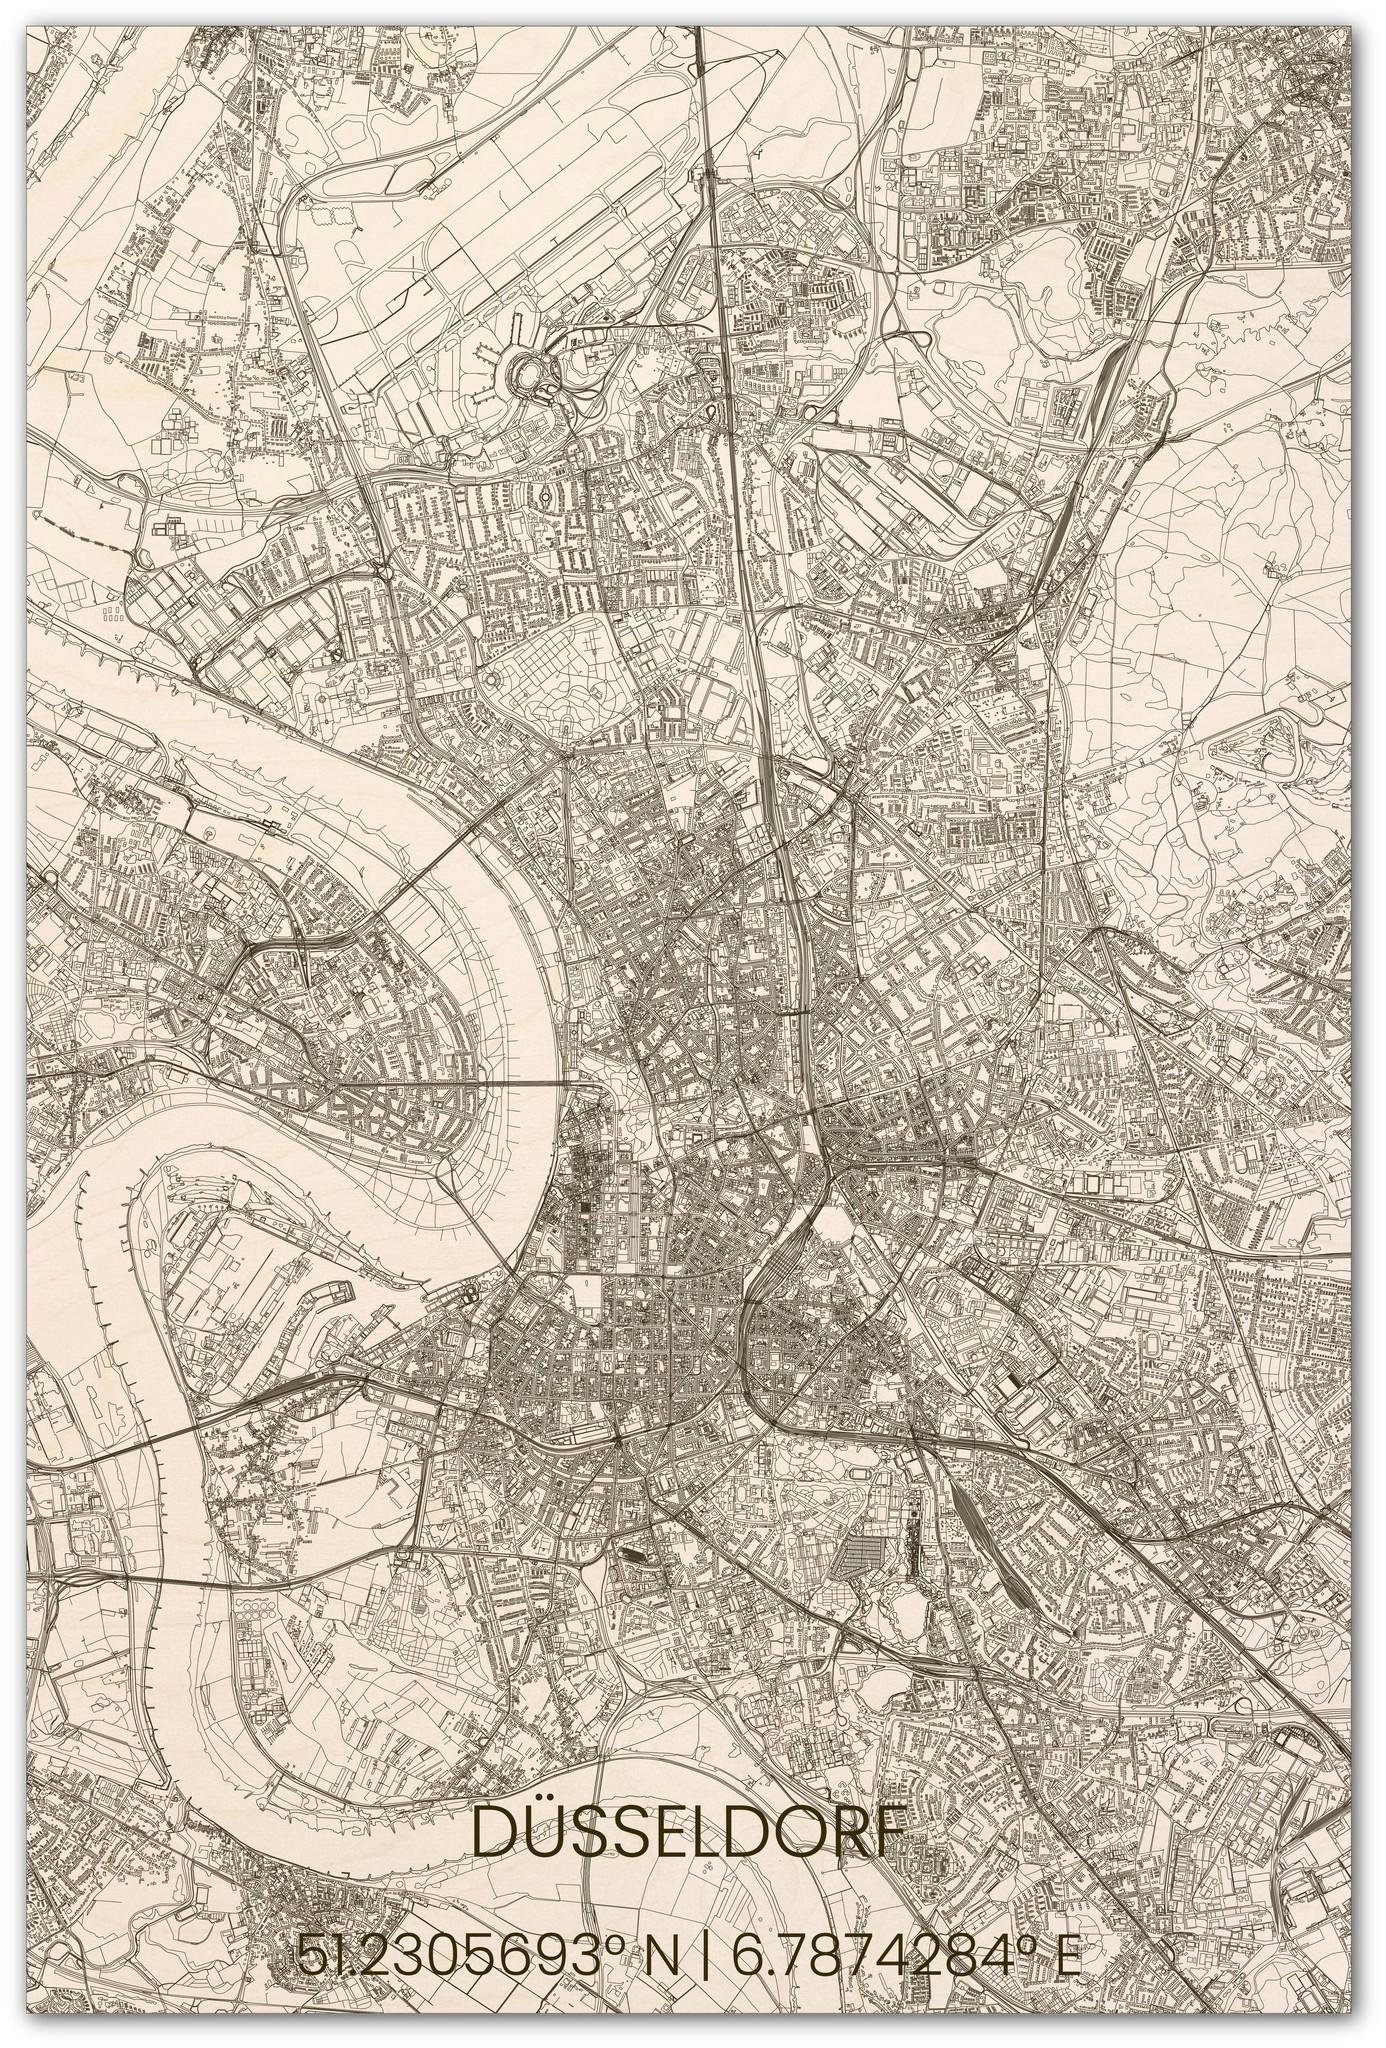 Stadsplattegrond Düsseldorf XL-1